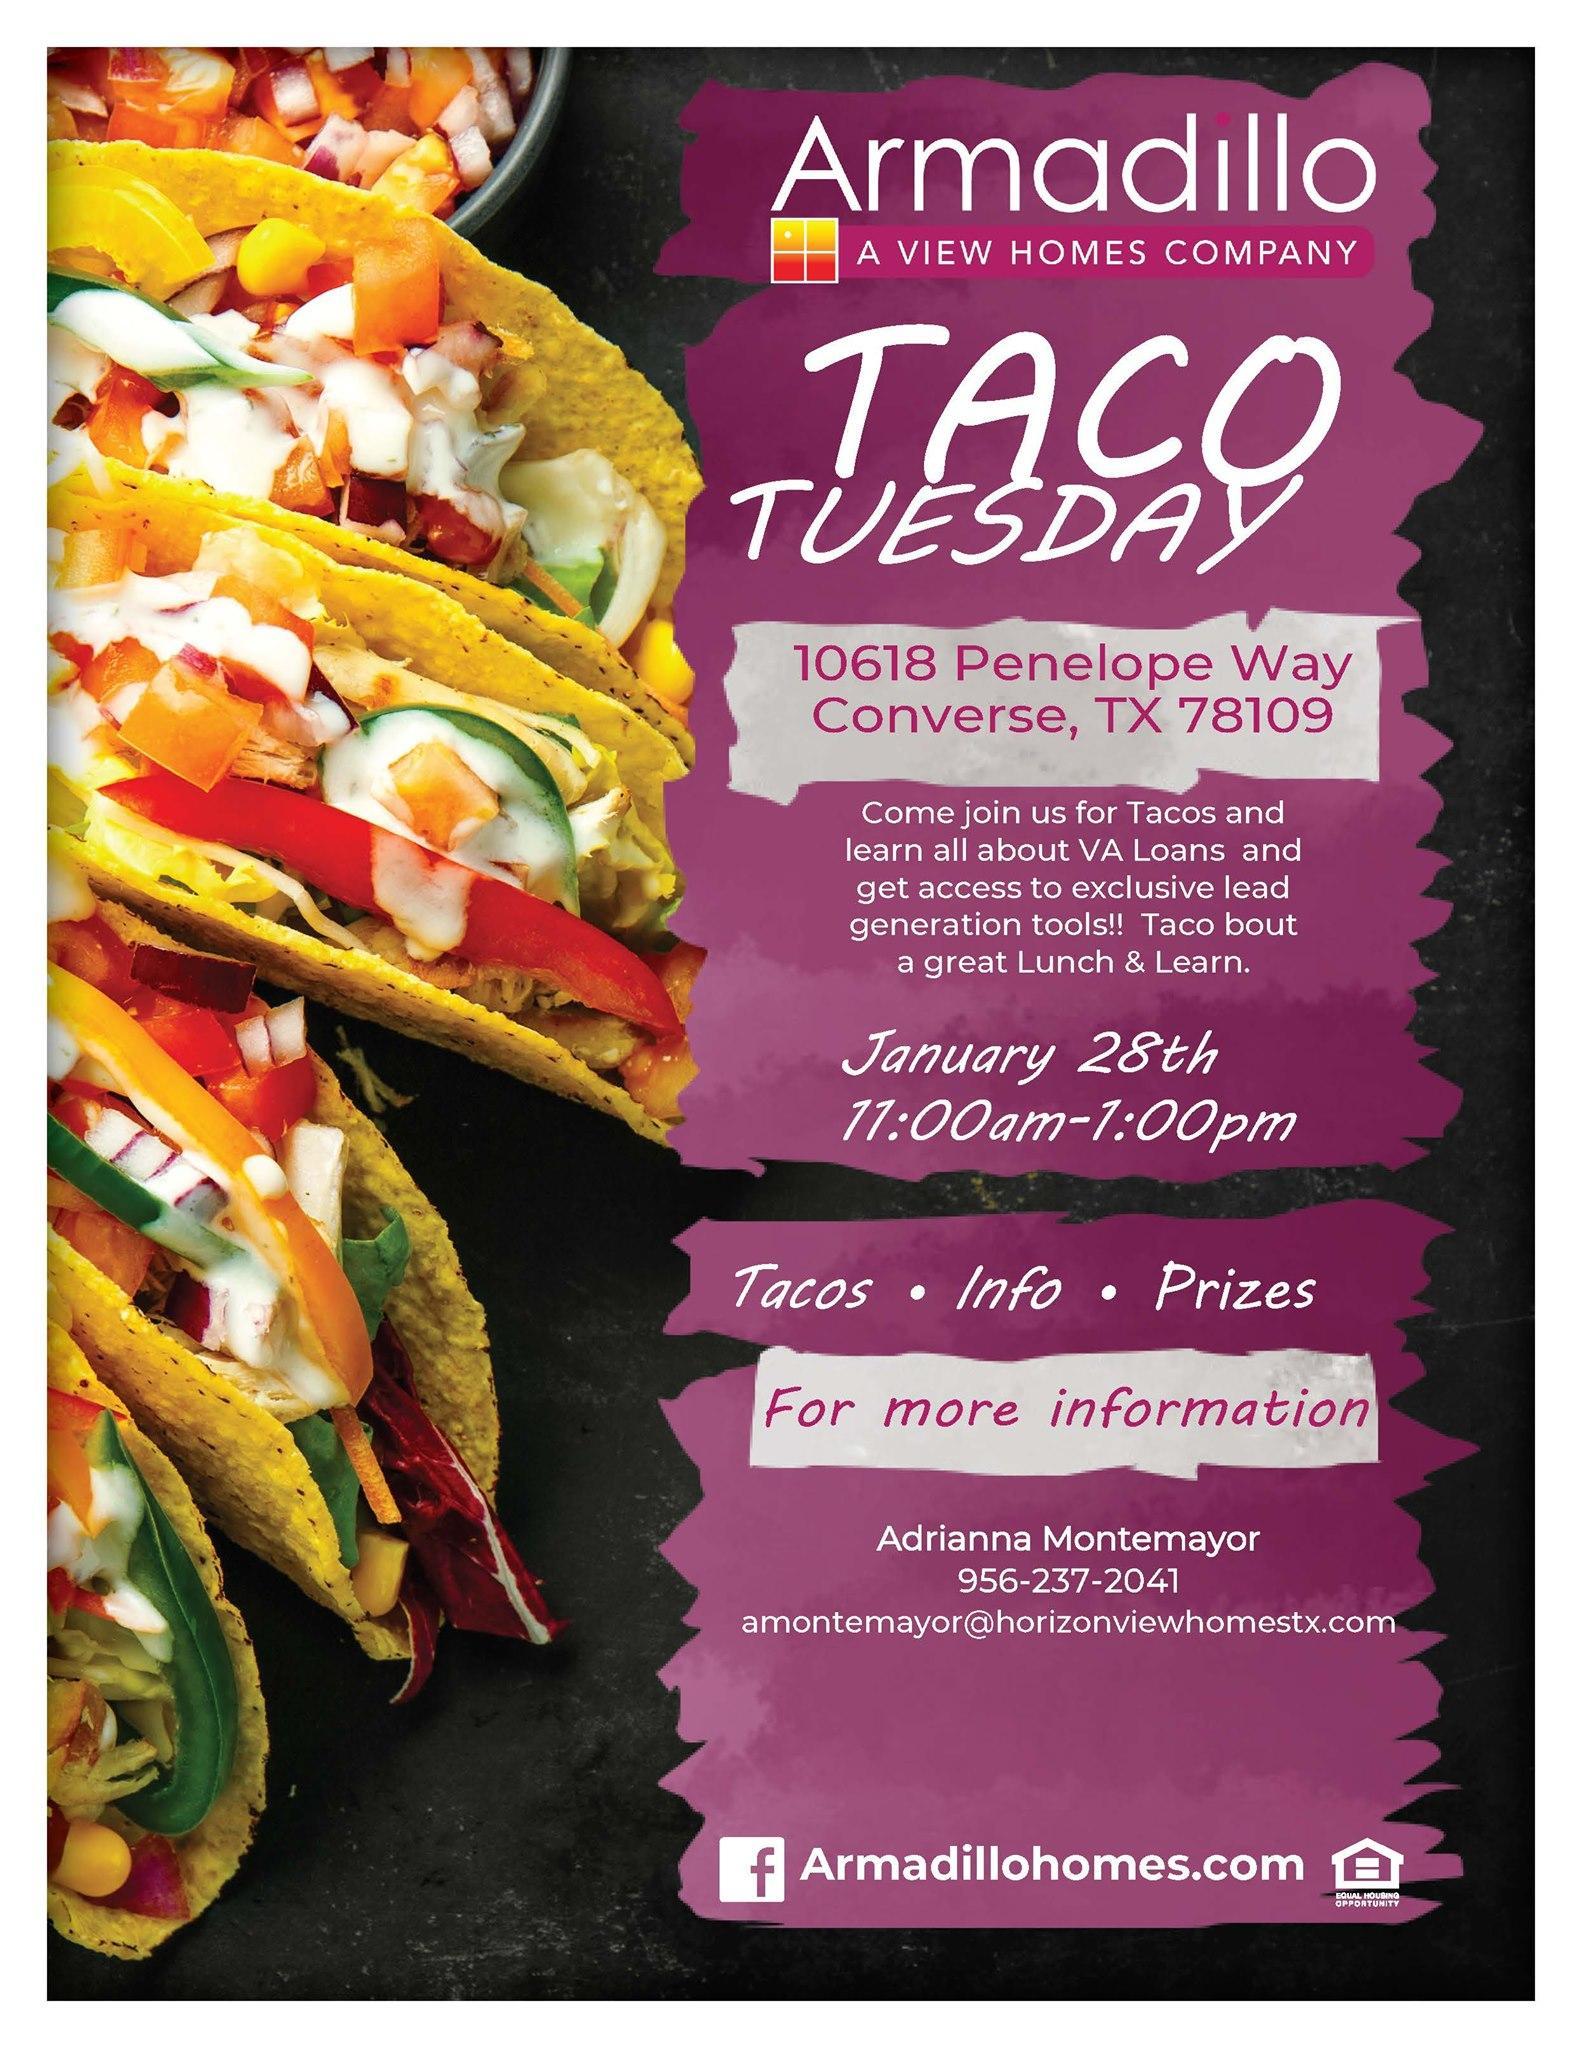 Taco Tuesday Paloma: VA LOANS 20/20